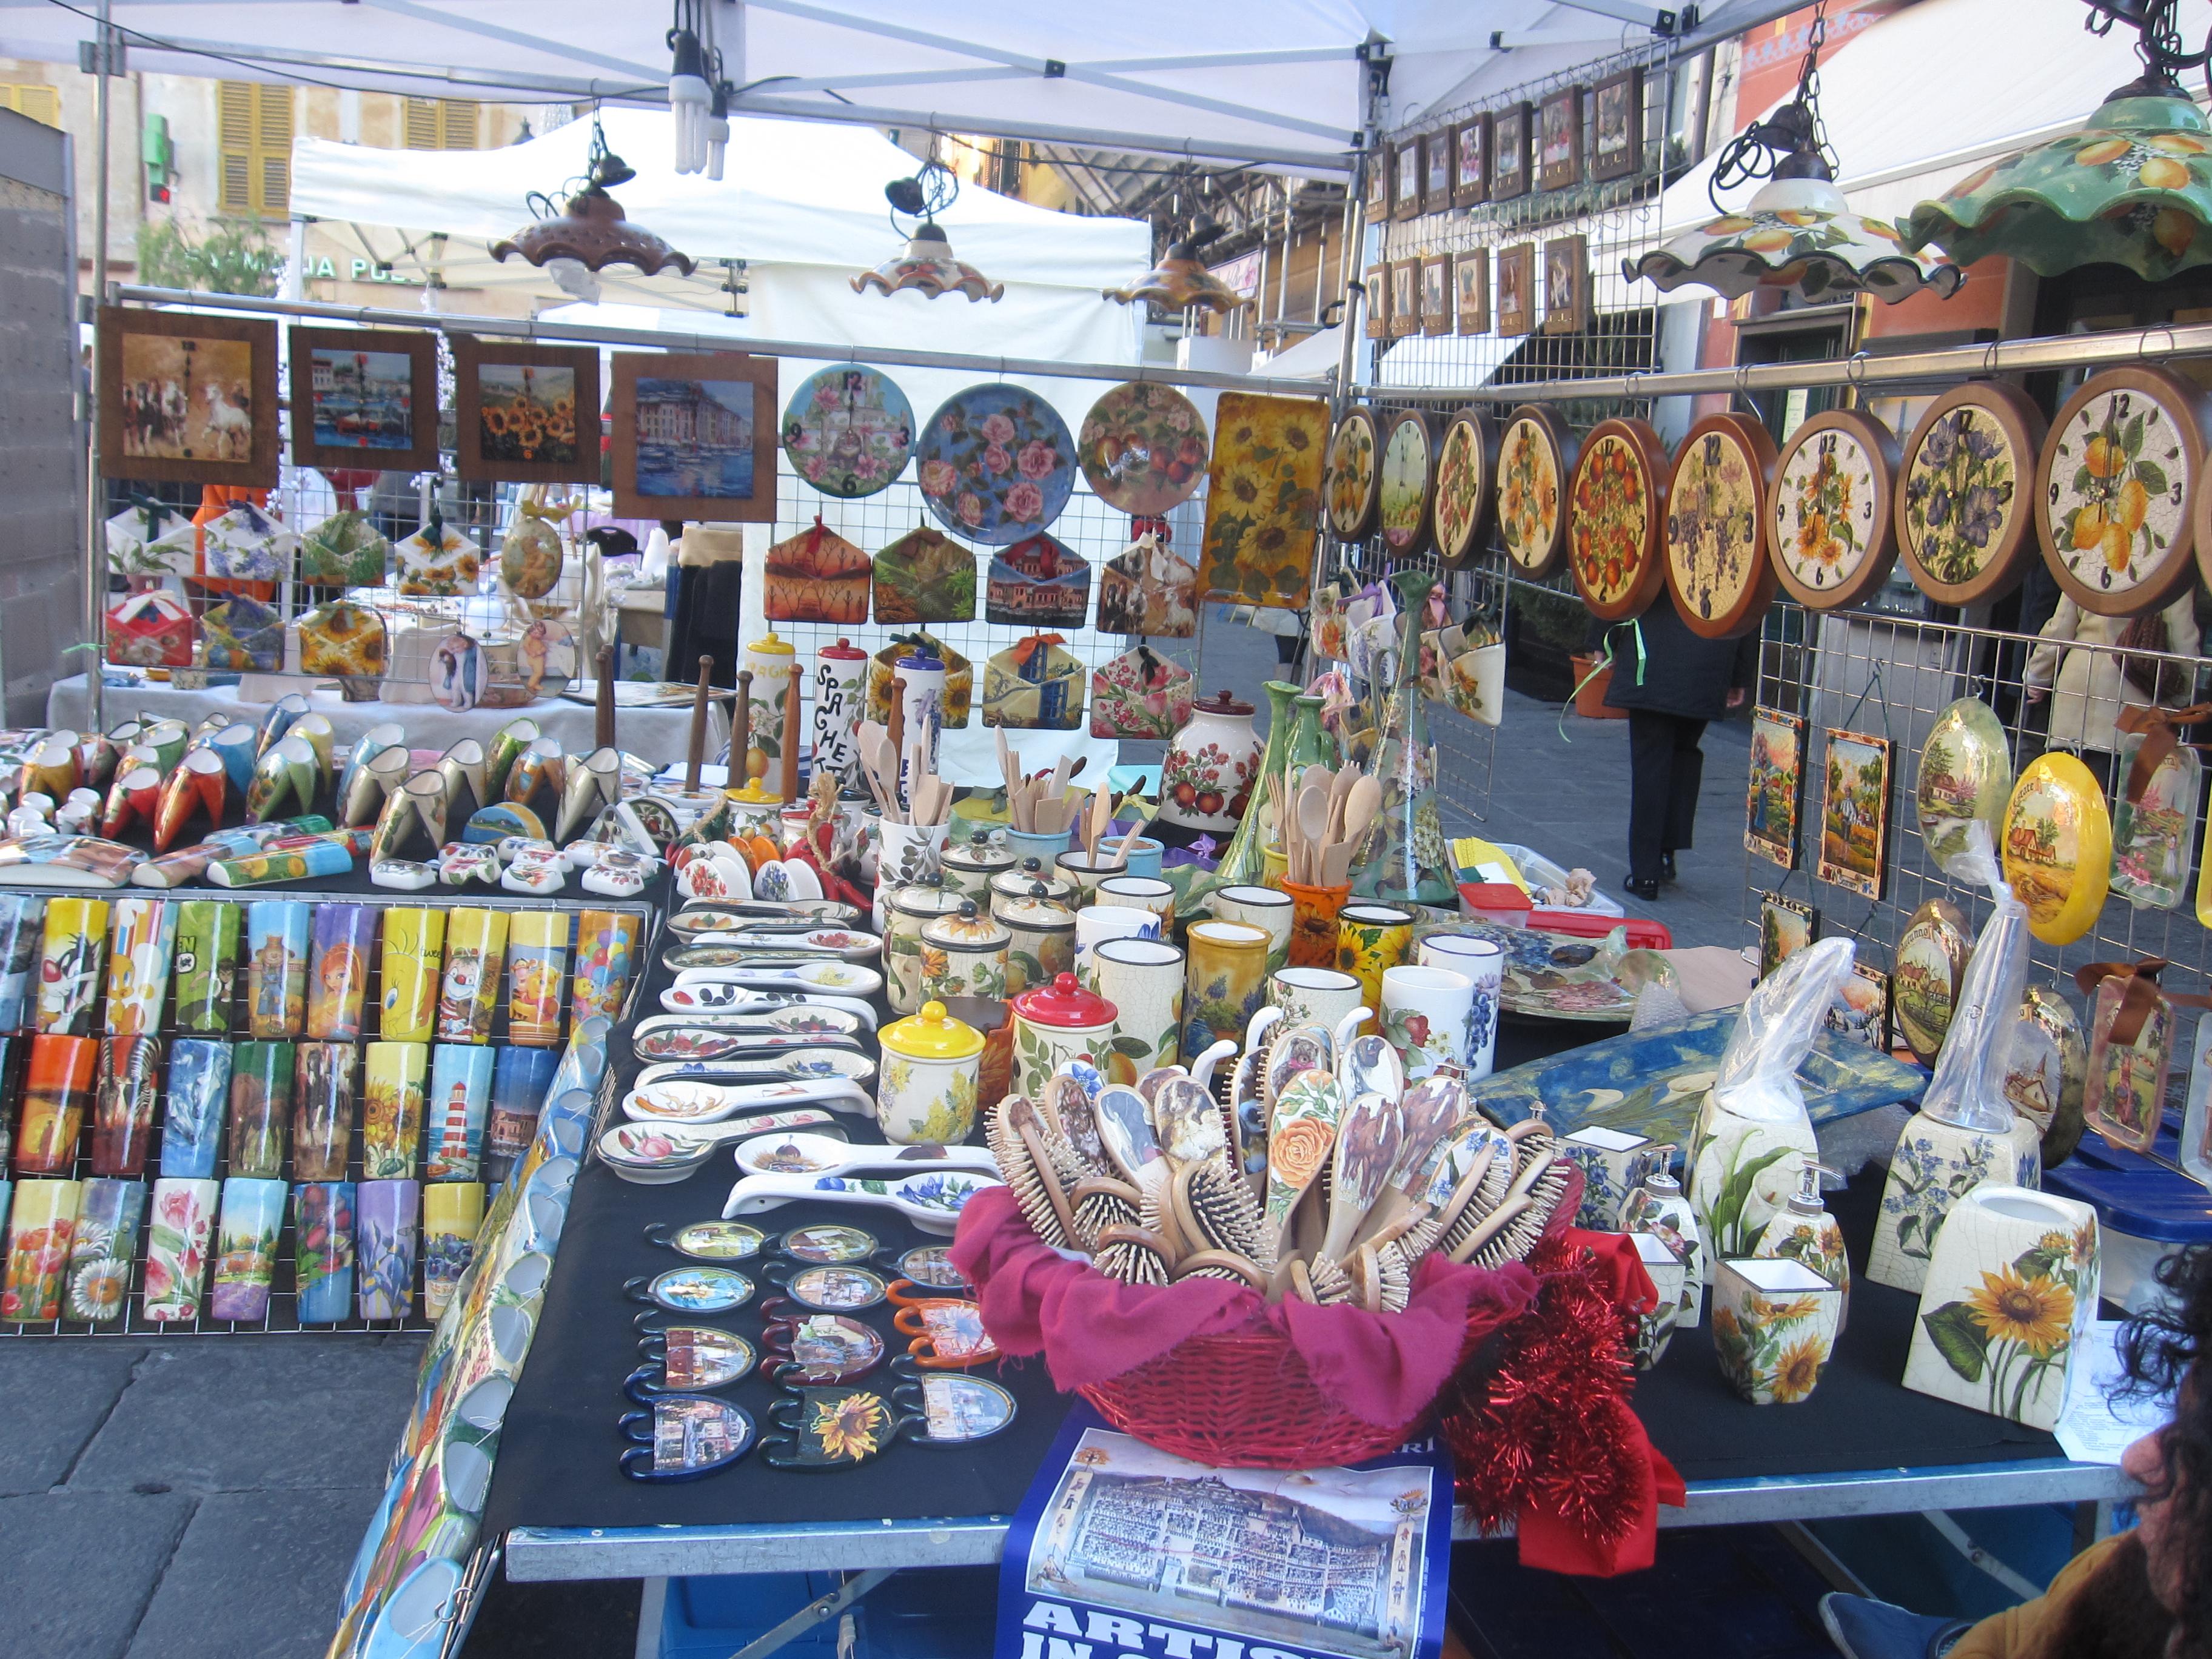 Torna nel fine settimana a chiavari il mercatino dell for Mercatini antiquariato 4 domenica